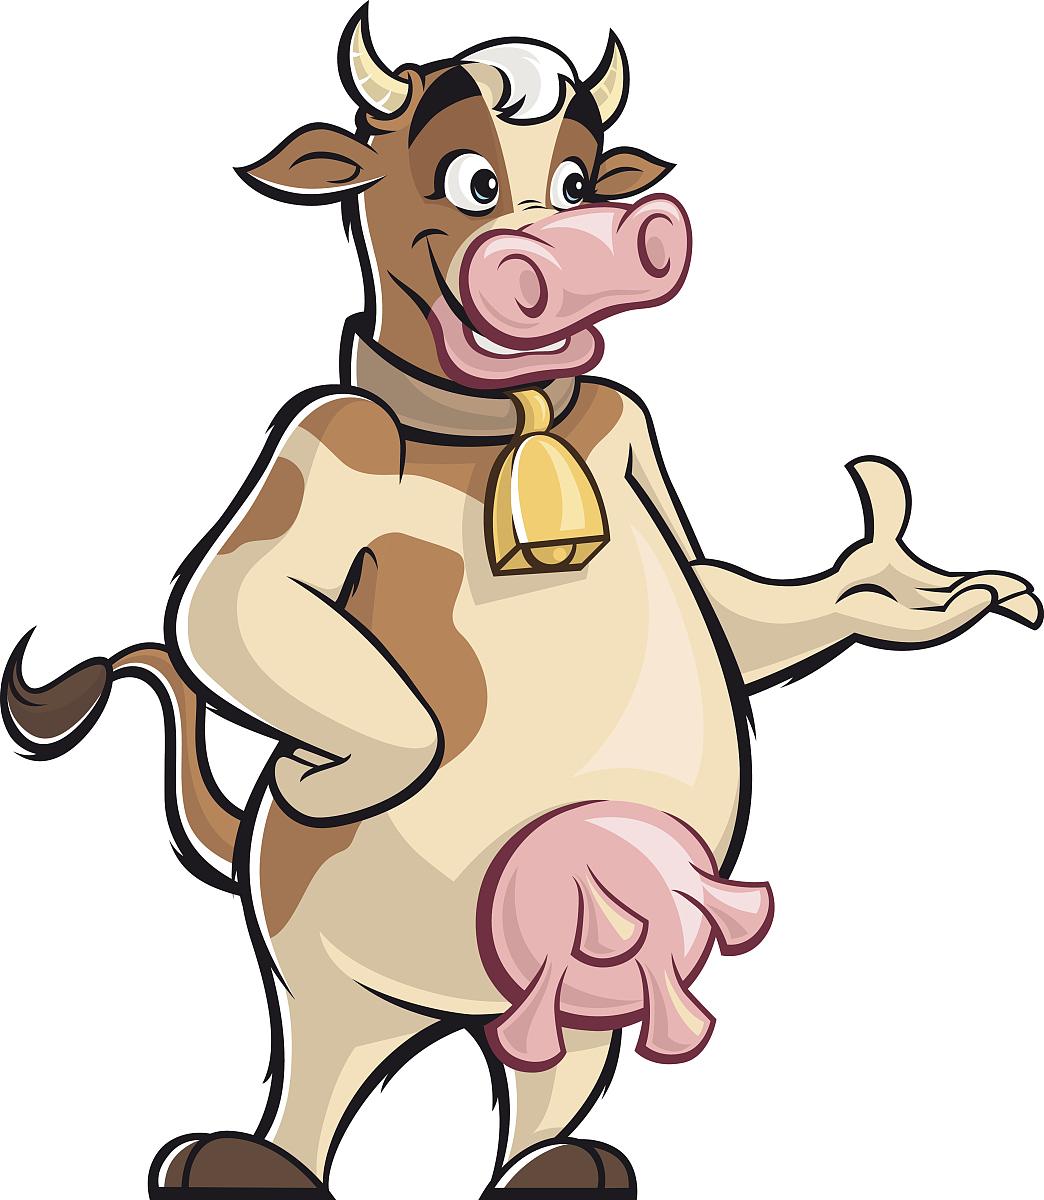 简单背景,站,哺乳纲,牛,动物,农场,农舍,出示,母牛,2015年,吉祥物图片